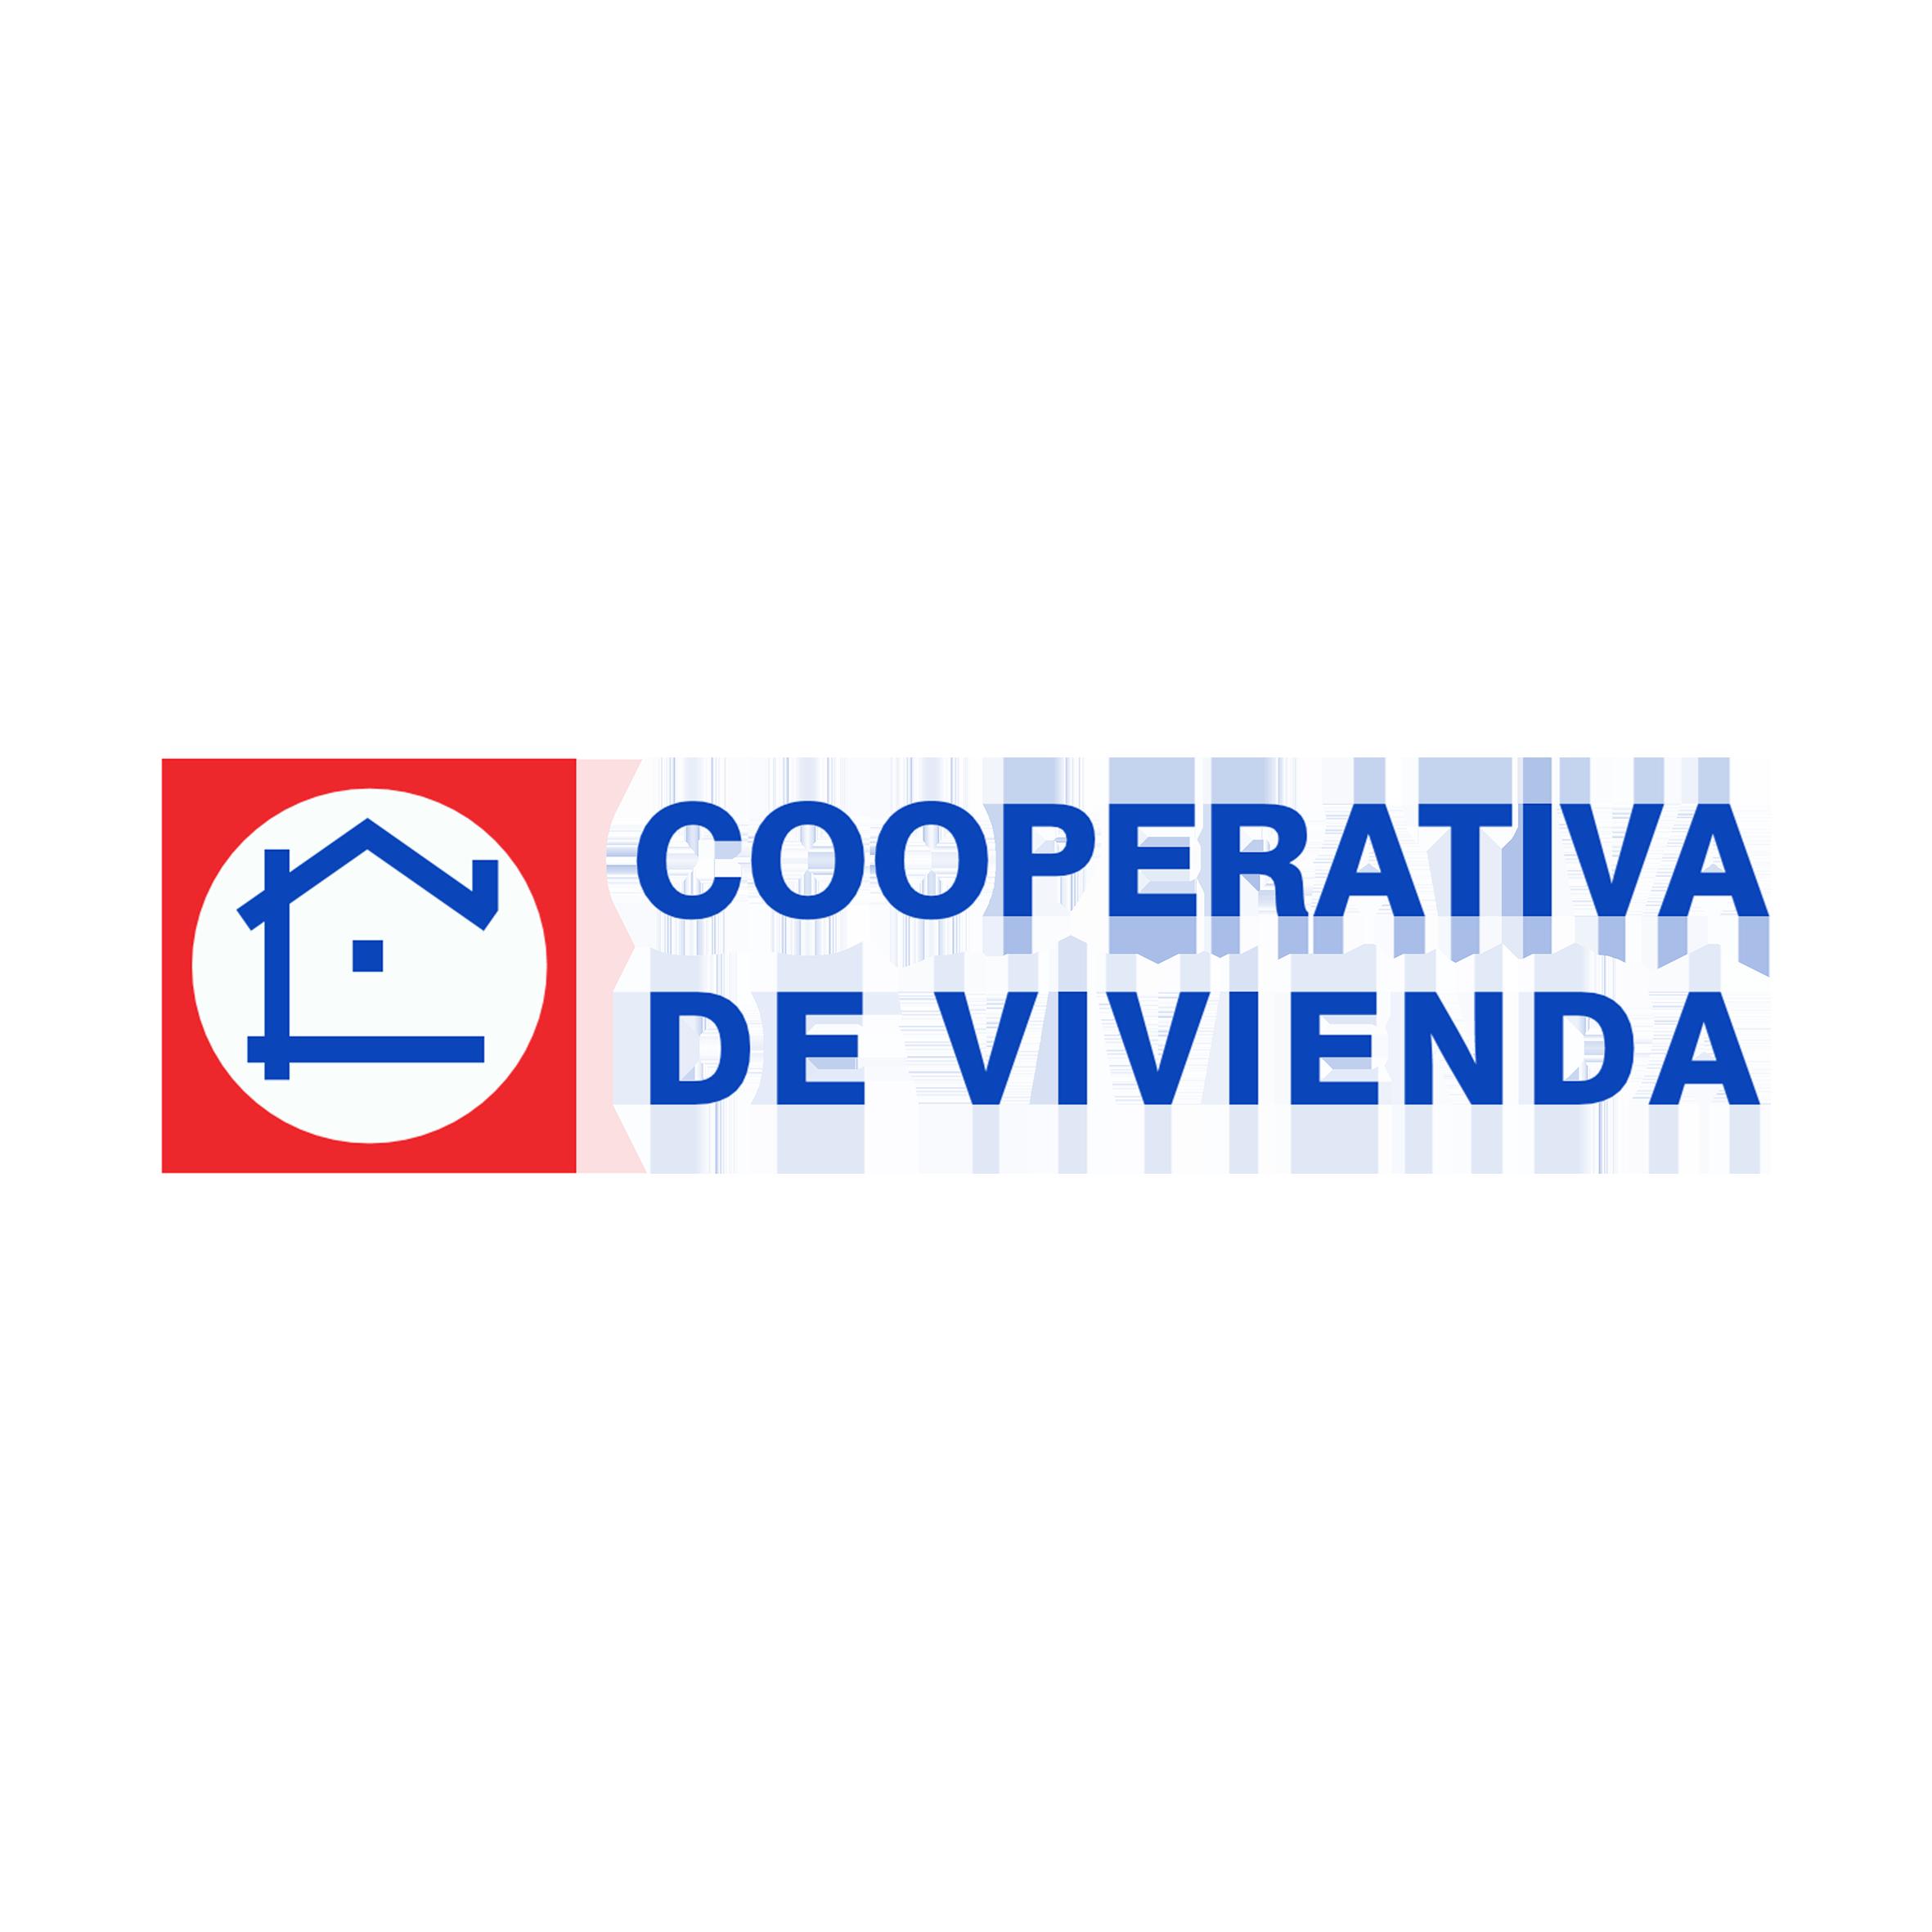 Cooperativa de Vivienda